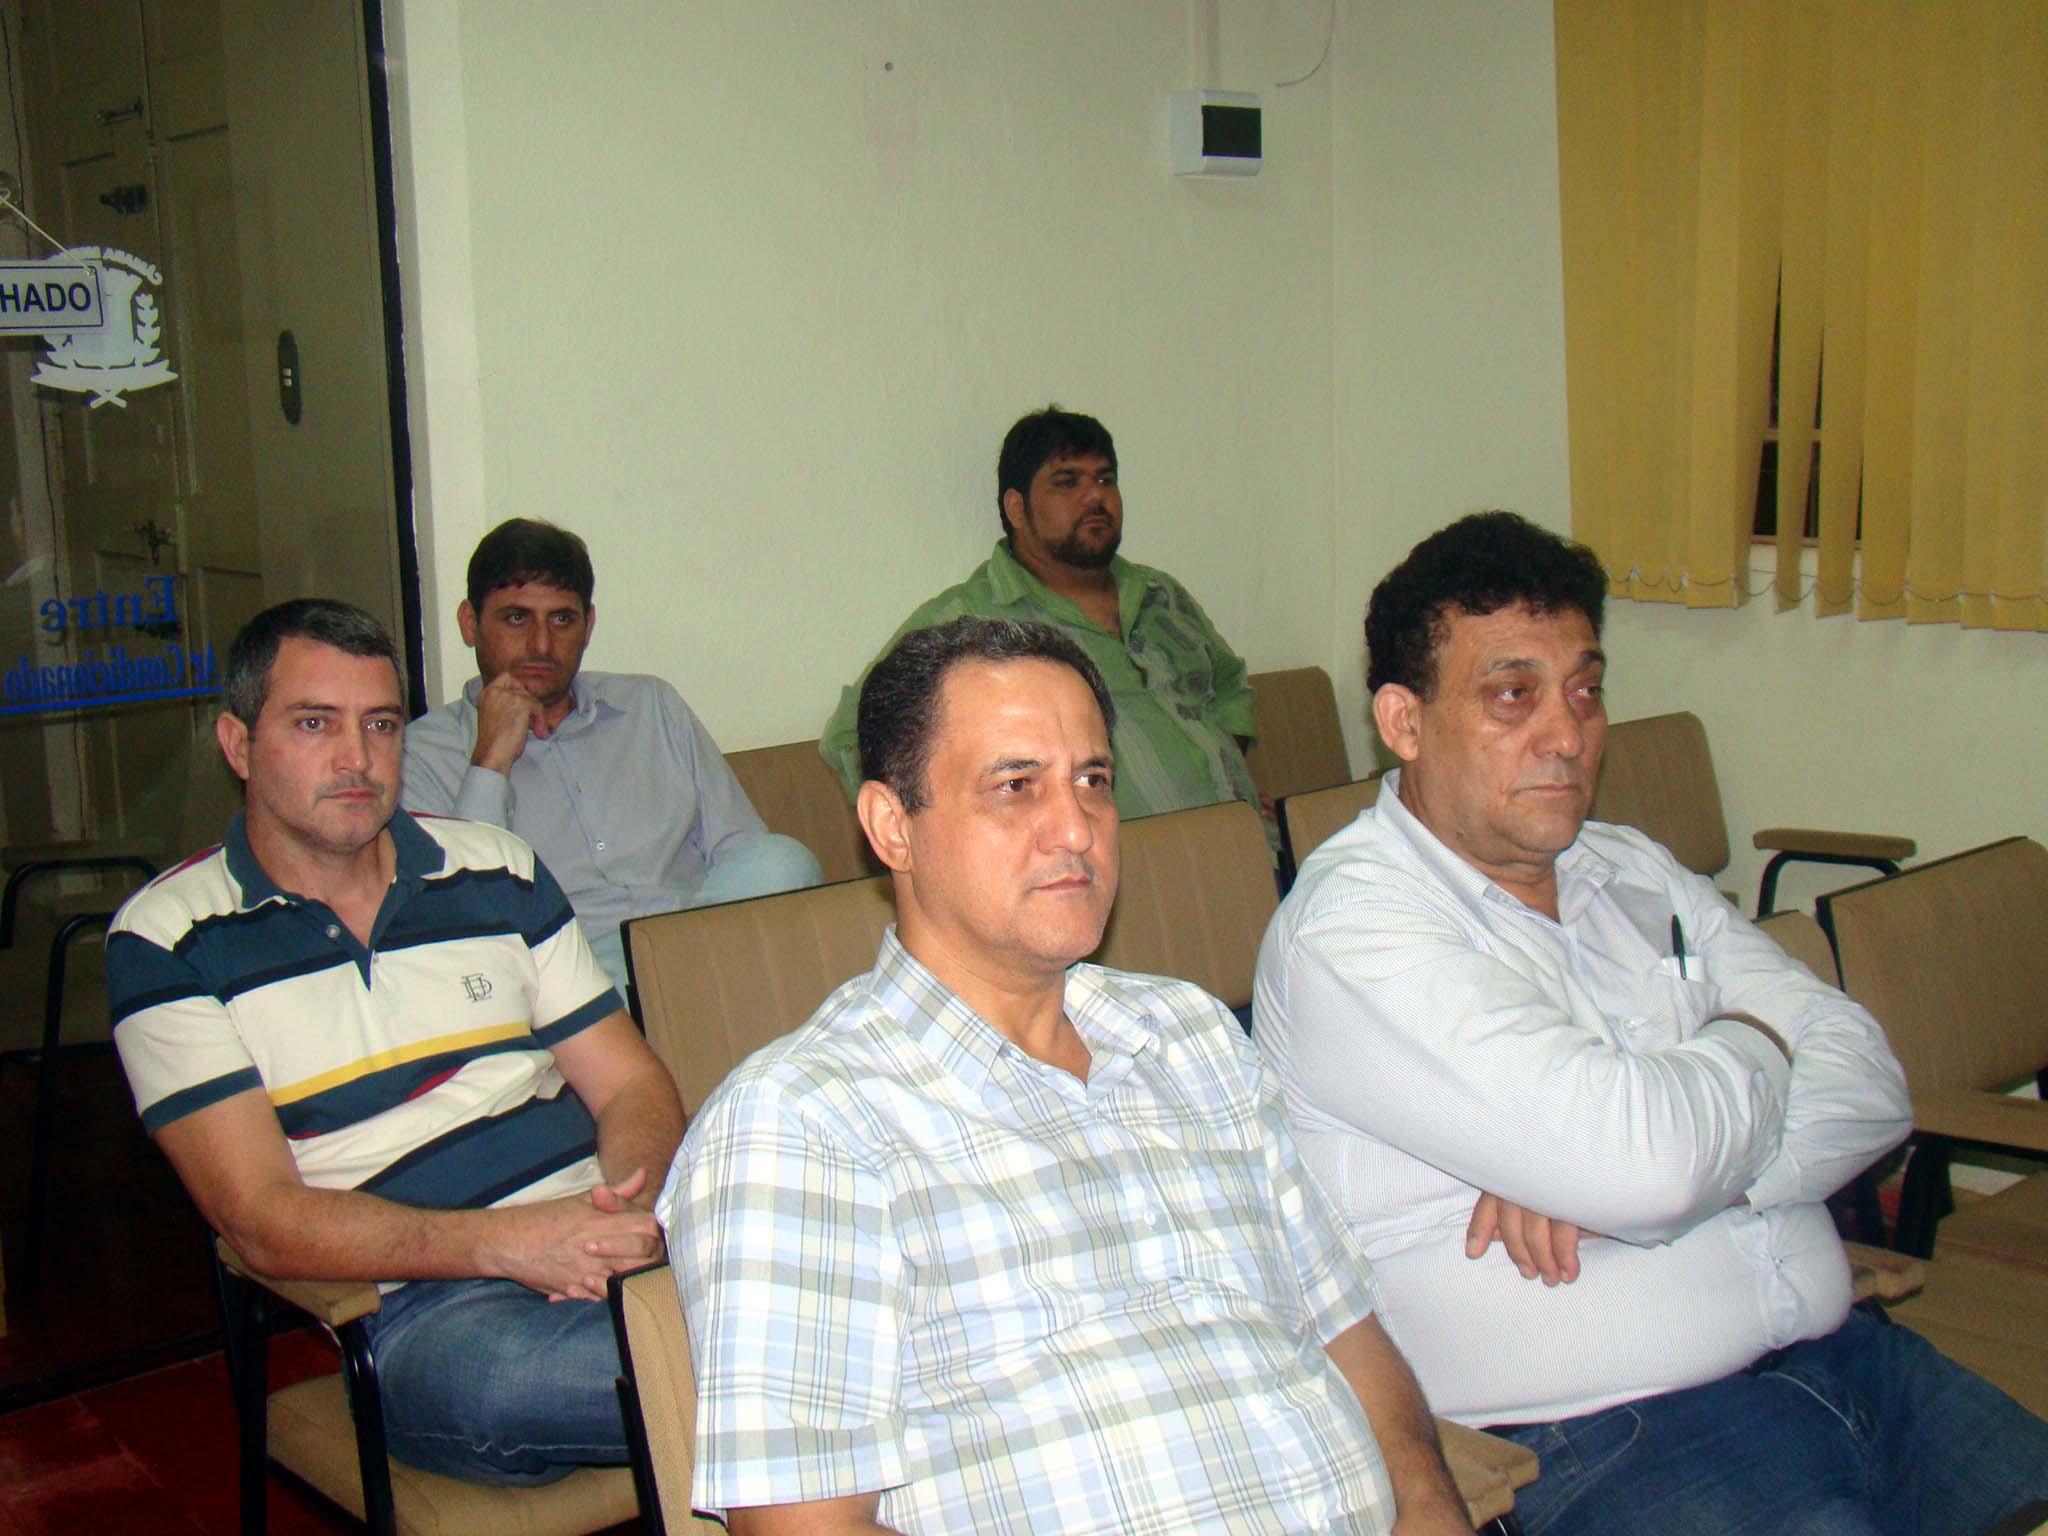 Audi�ncia p�blica realizada no recinto da C�mara